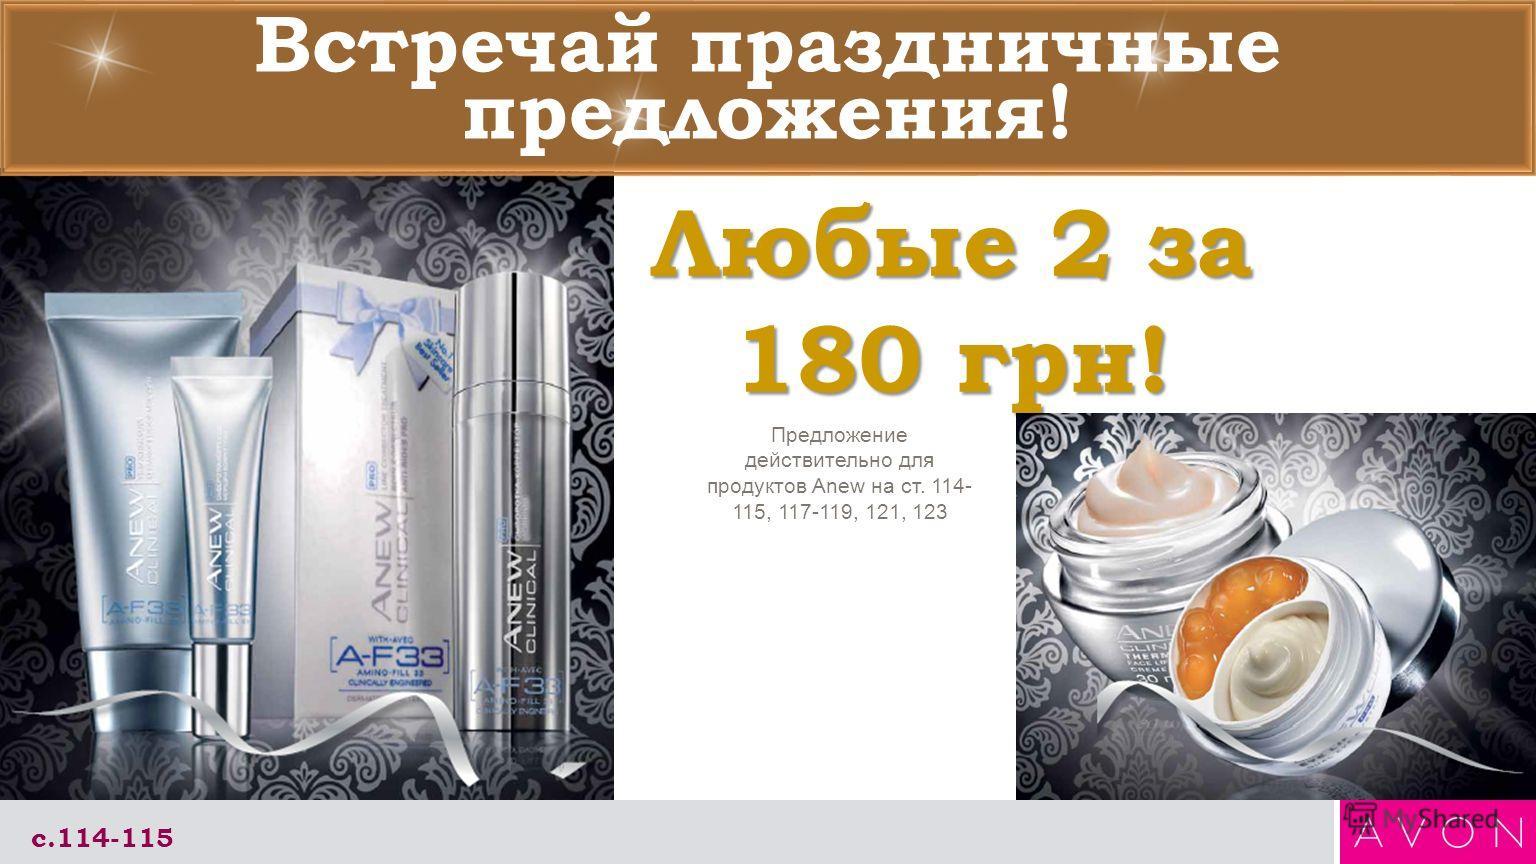 Встречай праздничные предложения! с.114-115 Любые 2 за 180 грн! Предложение действительно для продуктов Anew на ст. 114- 115, 117-119, 121, 123